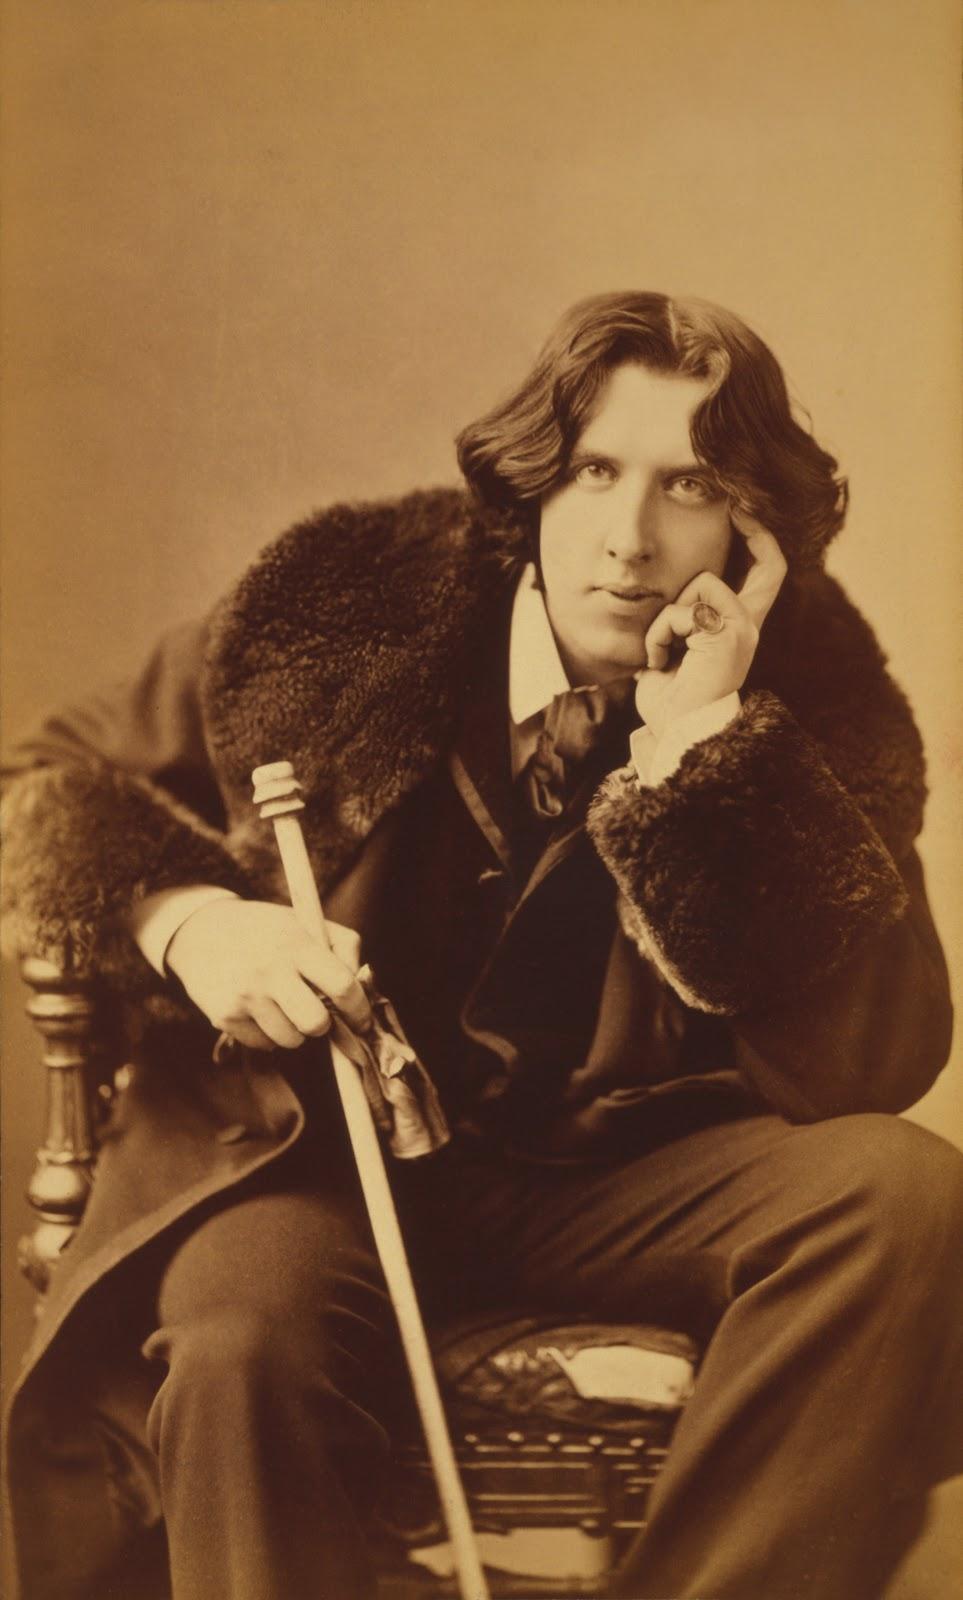 オスカー・ワイルドが椅子に座って正面を向いて右手で細長い杖を持って左手で頬杖を付いている